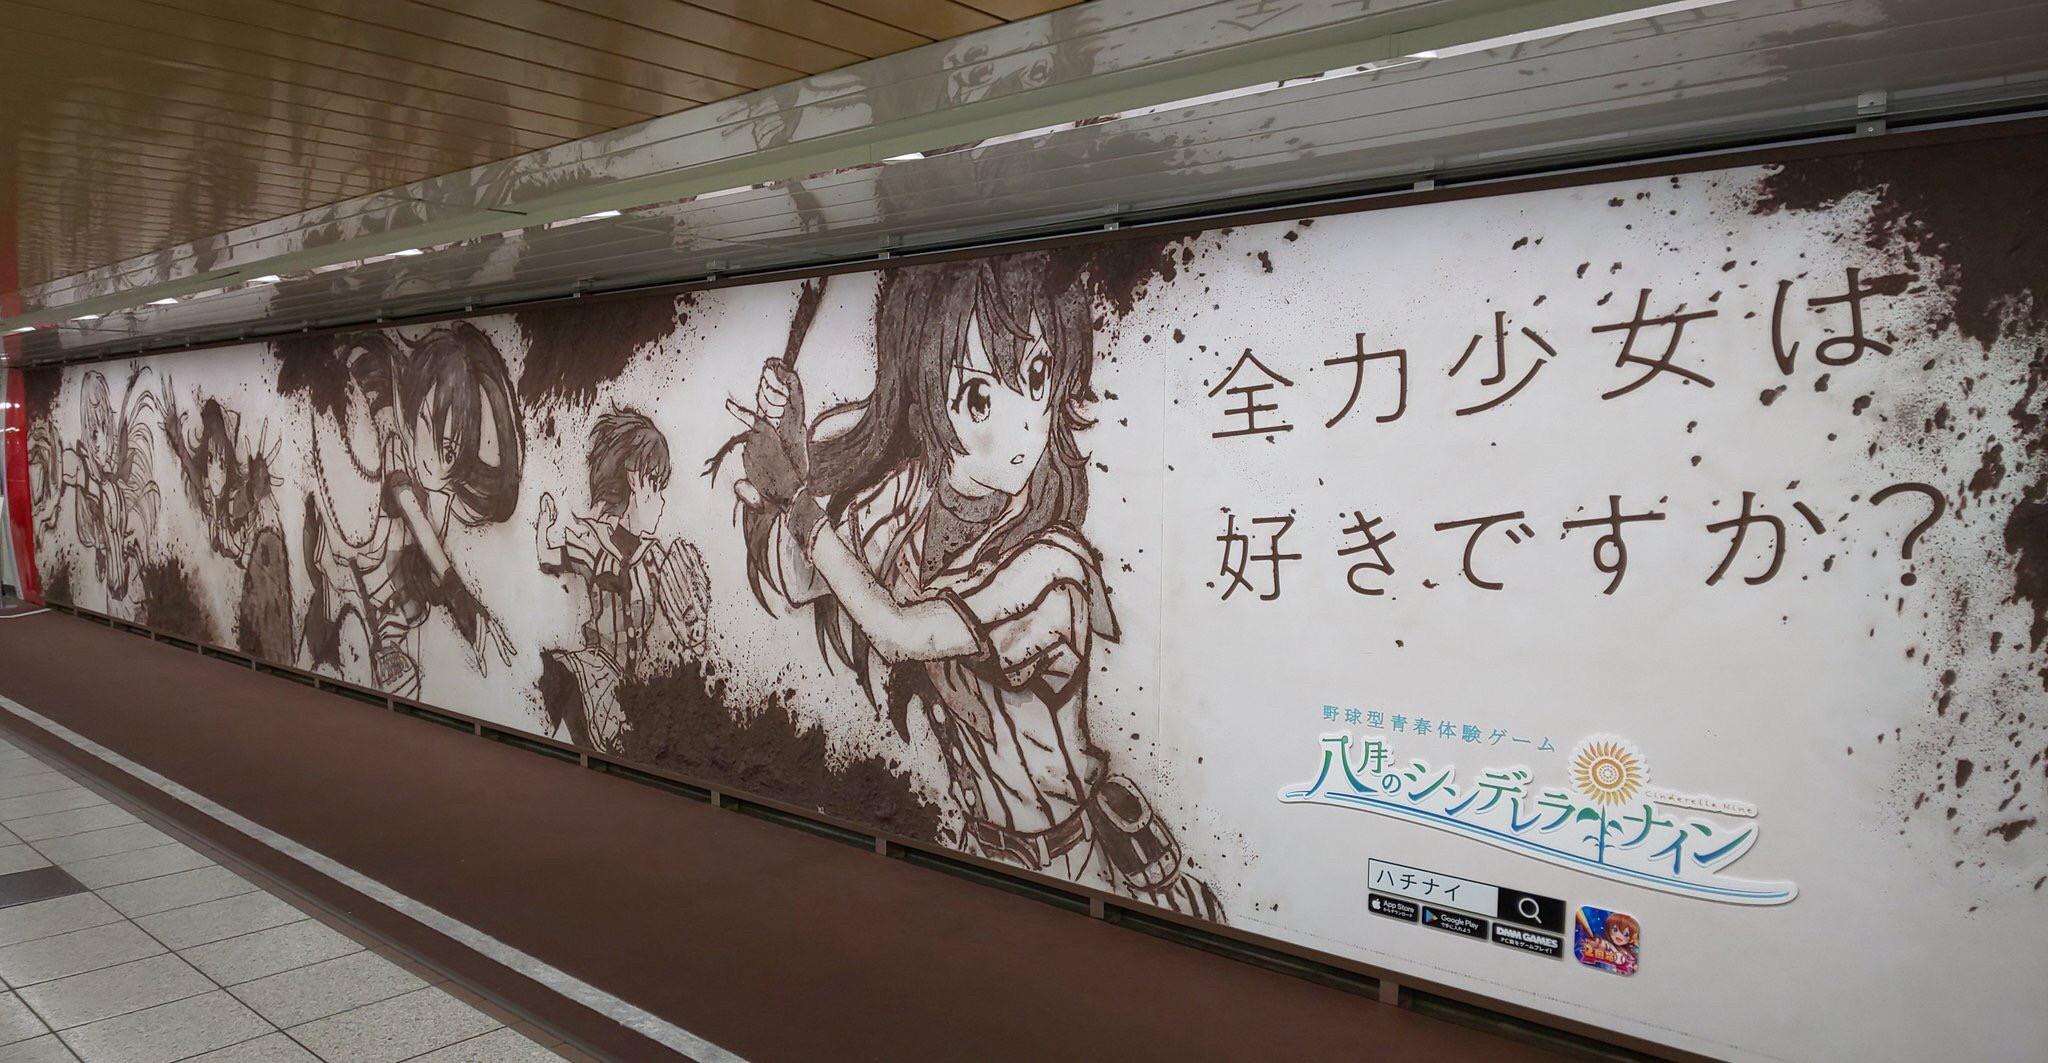 【画像】新宿のハチナイ広告がガチでヤバいと話題に